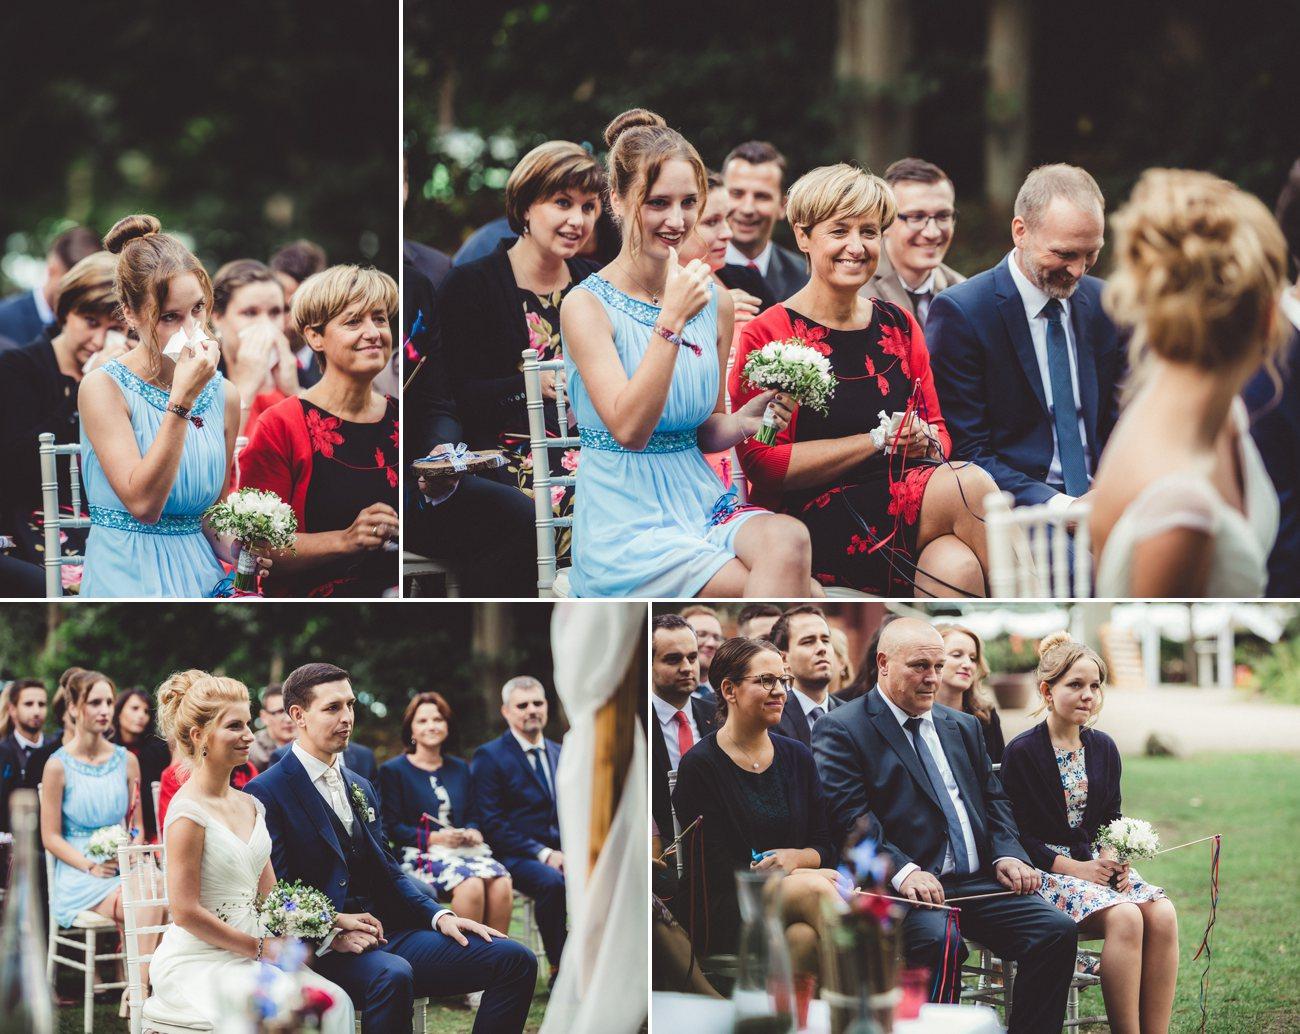 Hochzeitsreportage_Waldhotel_auf Herrenland 35